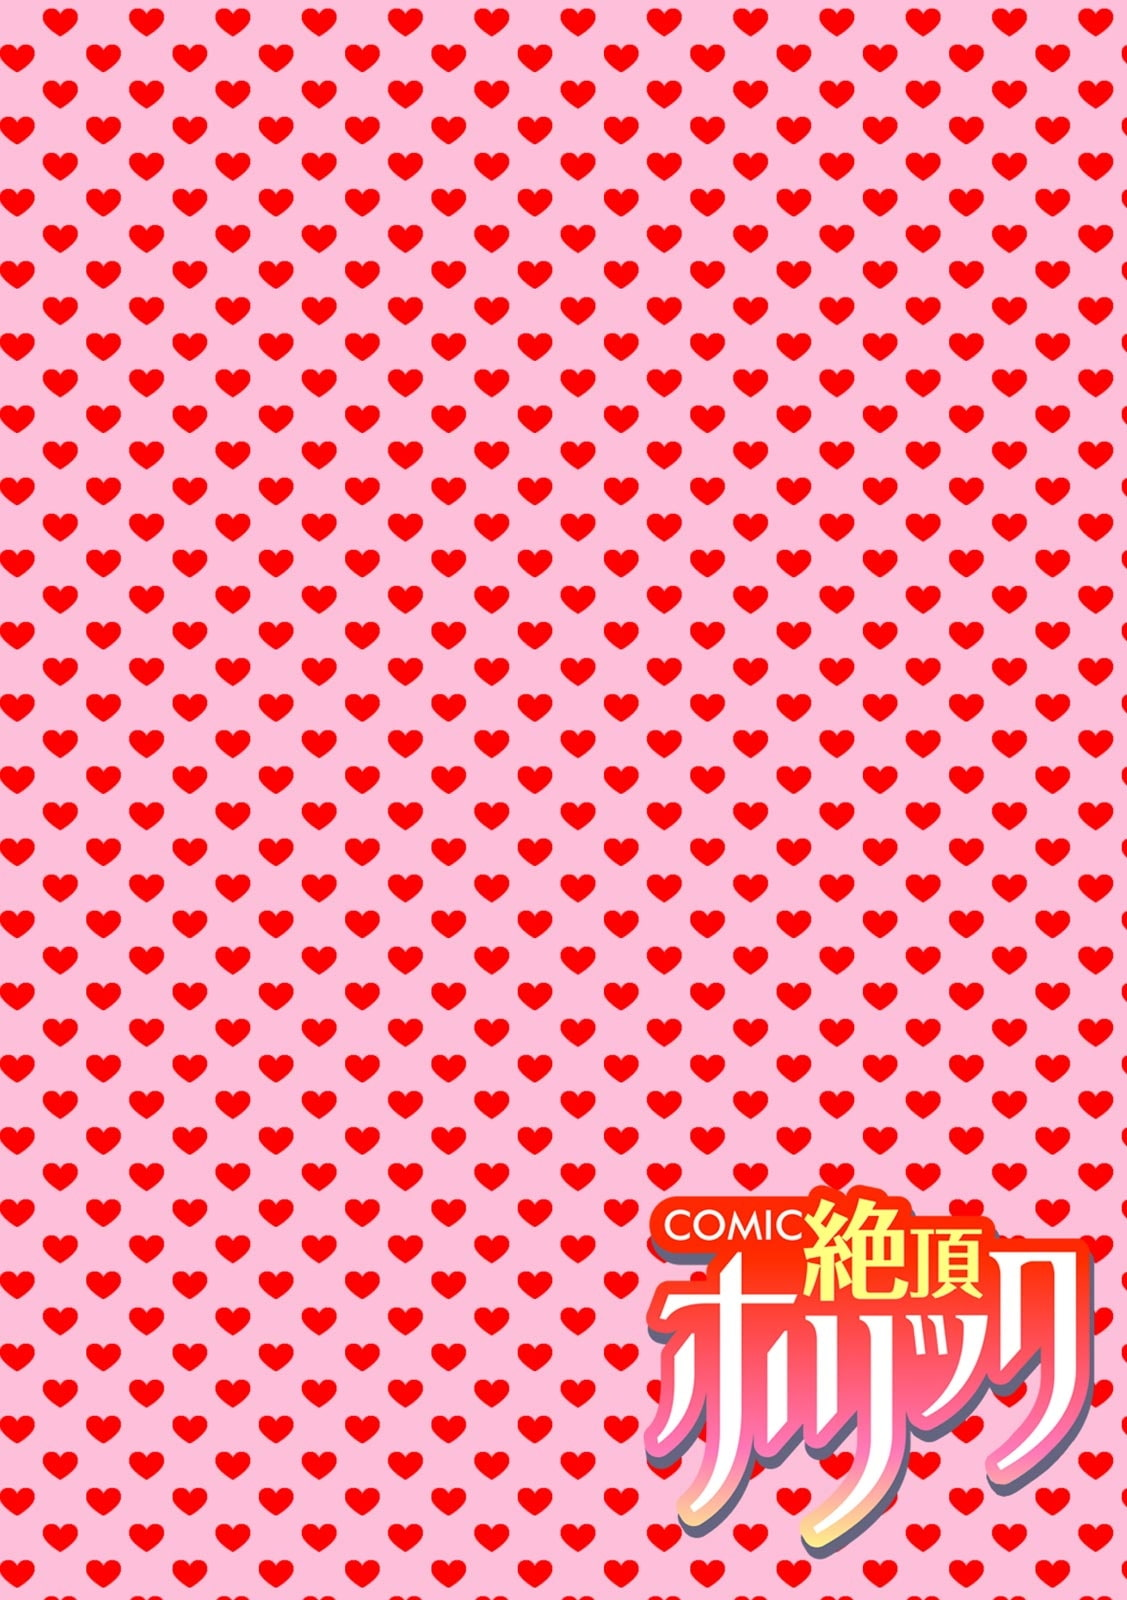 COMIC絶頂ホリック vol.33 サンプル画像6